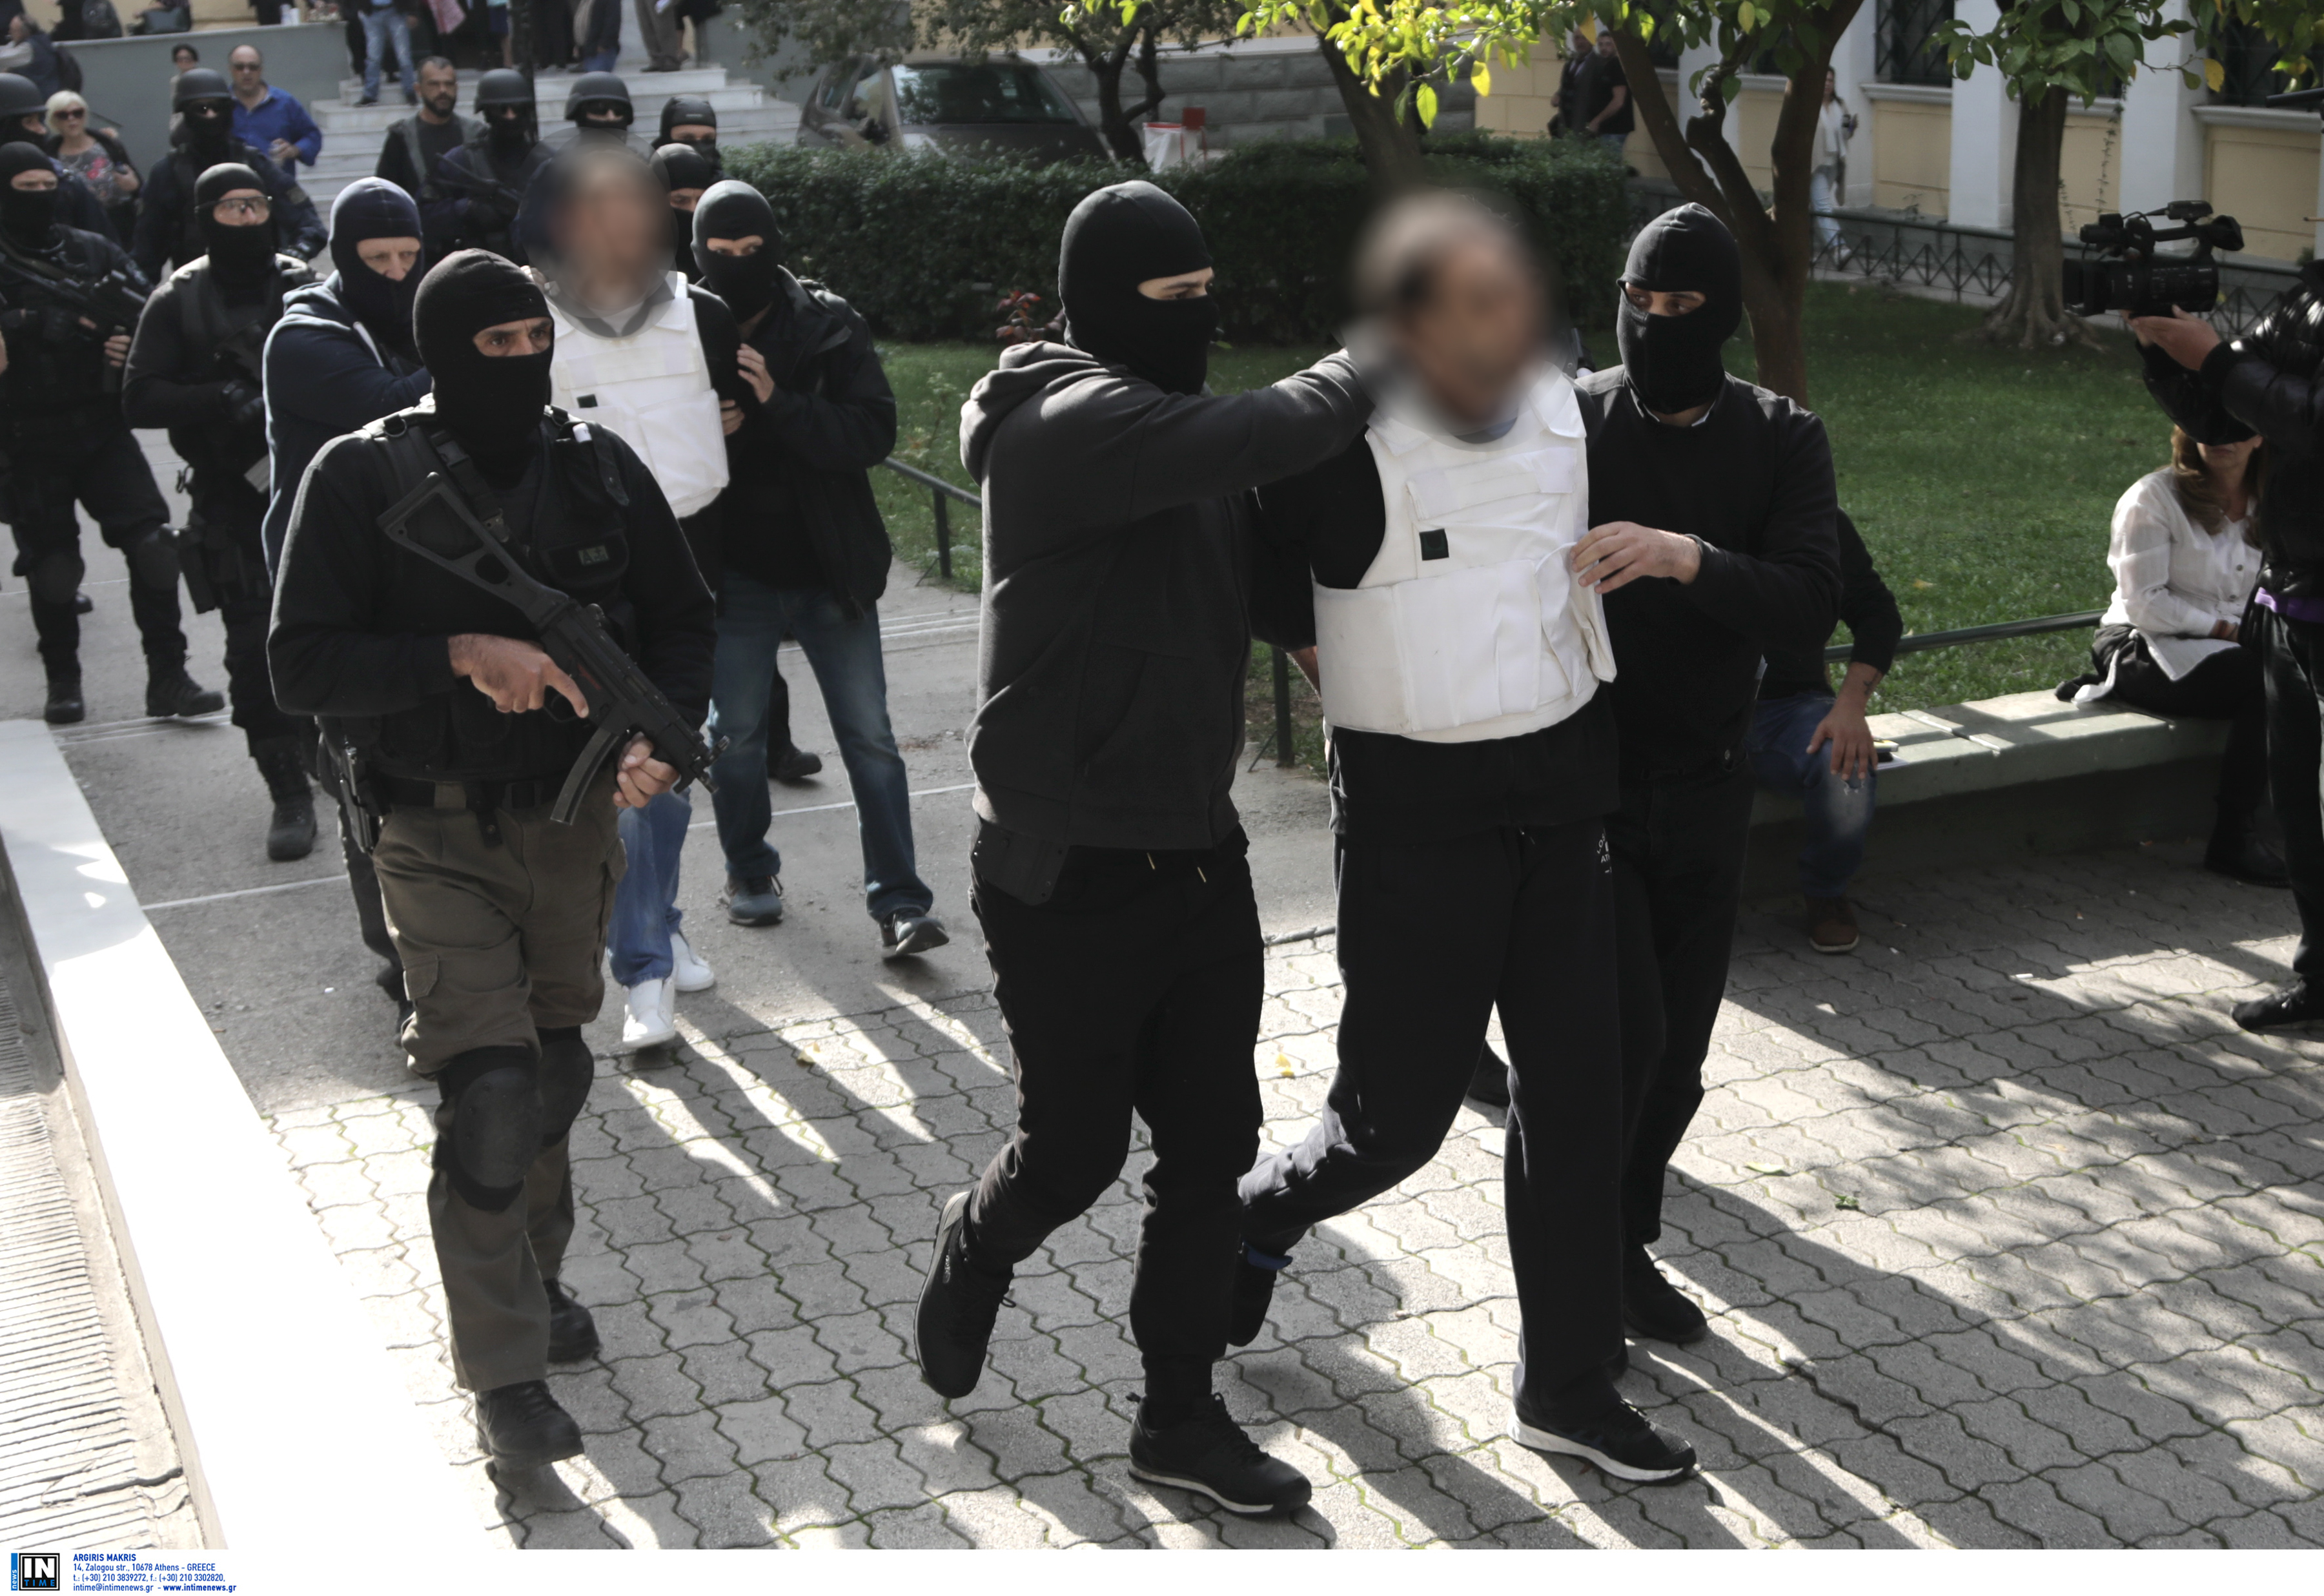 Τα βίντεο από ληστείες με καλάσνικοφ θα δείξουν τους «στρατιώτες» της Επαναστατικής Αυτοάμυνας